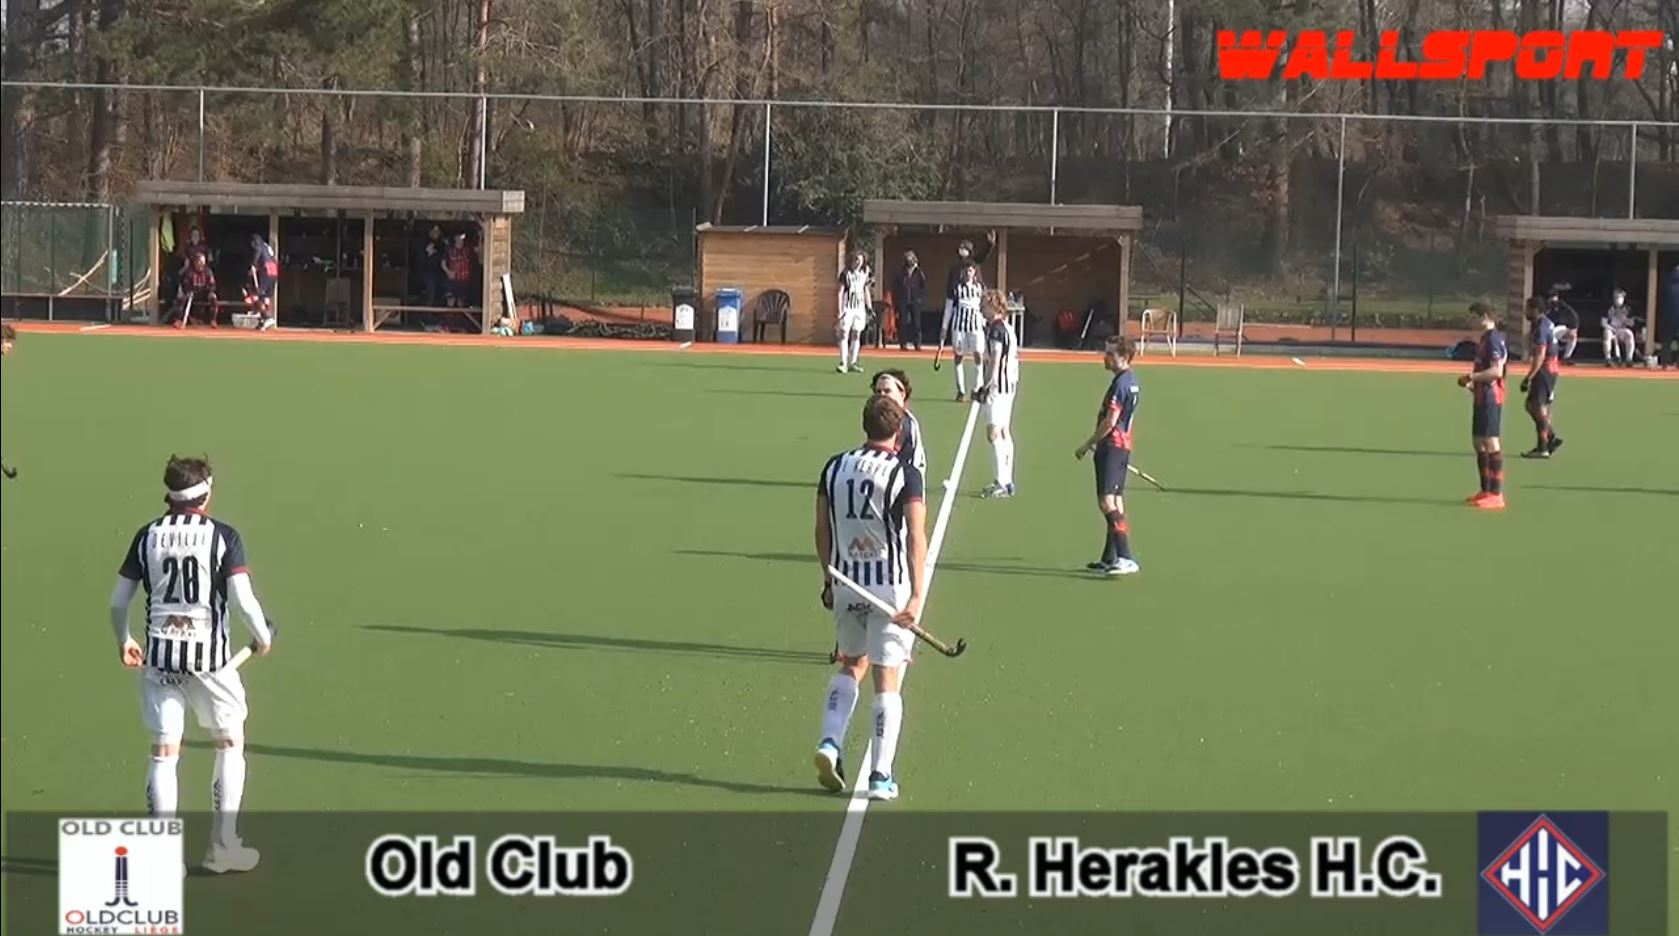 Old Club R. Herakles H.C.